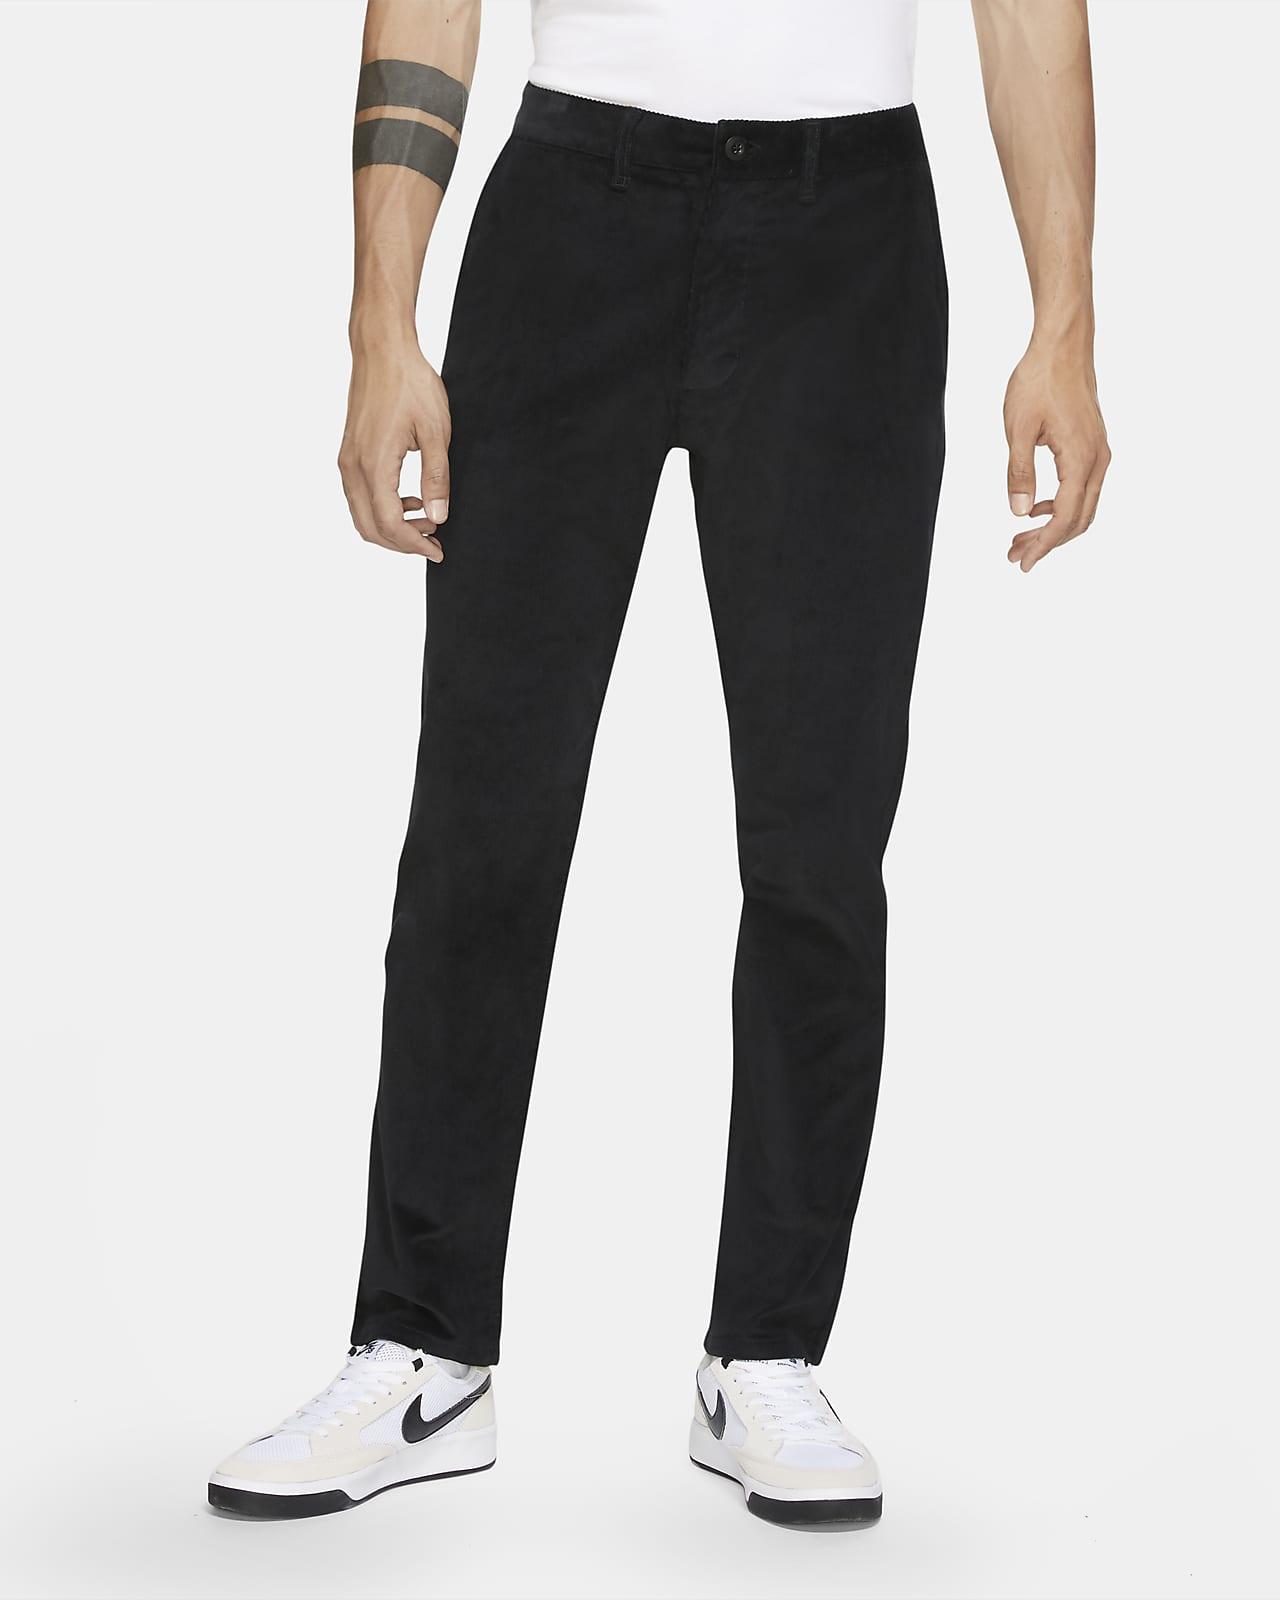 Nike SB Pantalón de skateboard de pana - Hombre